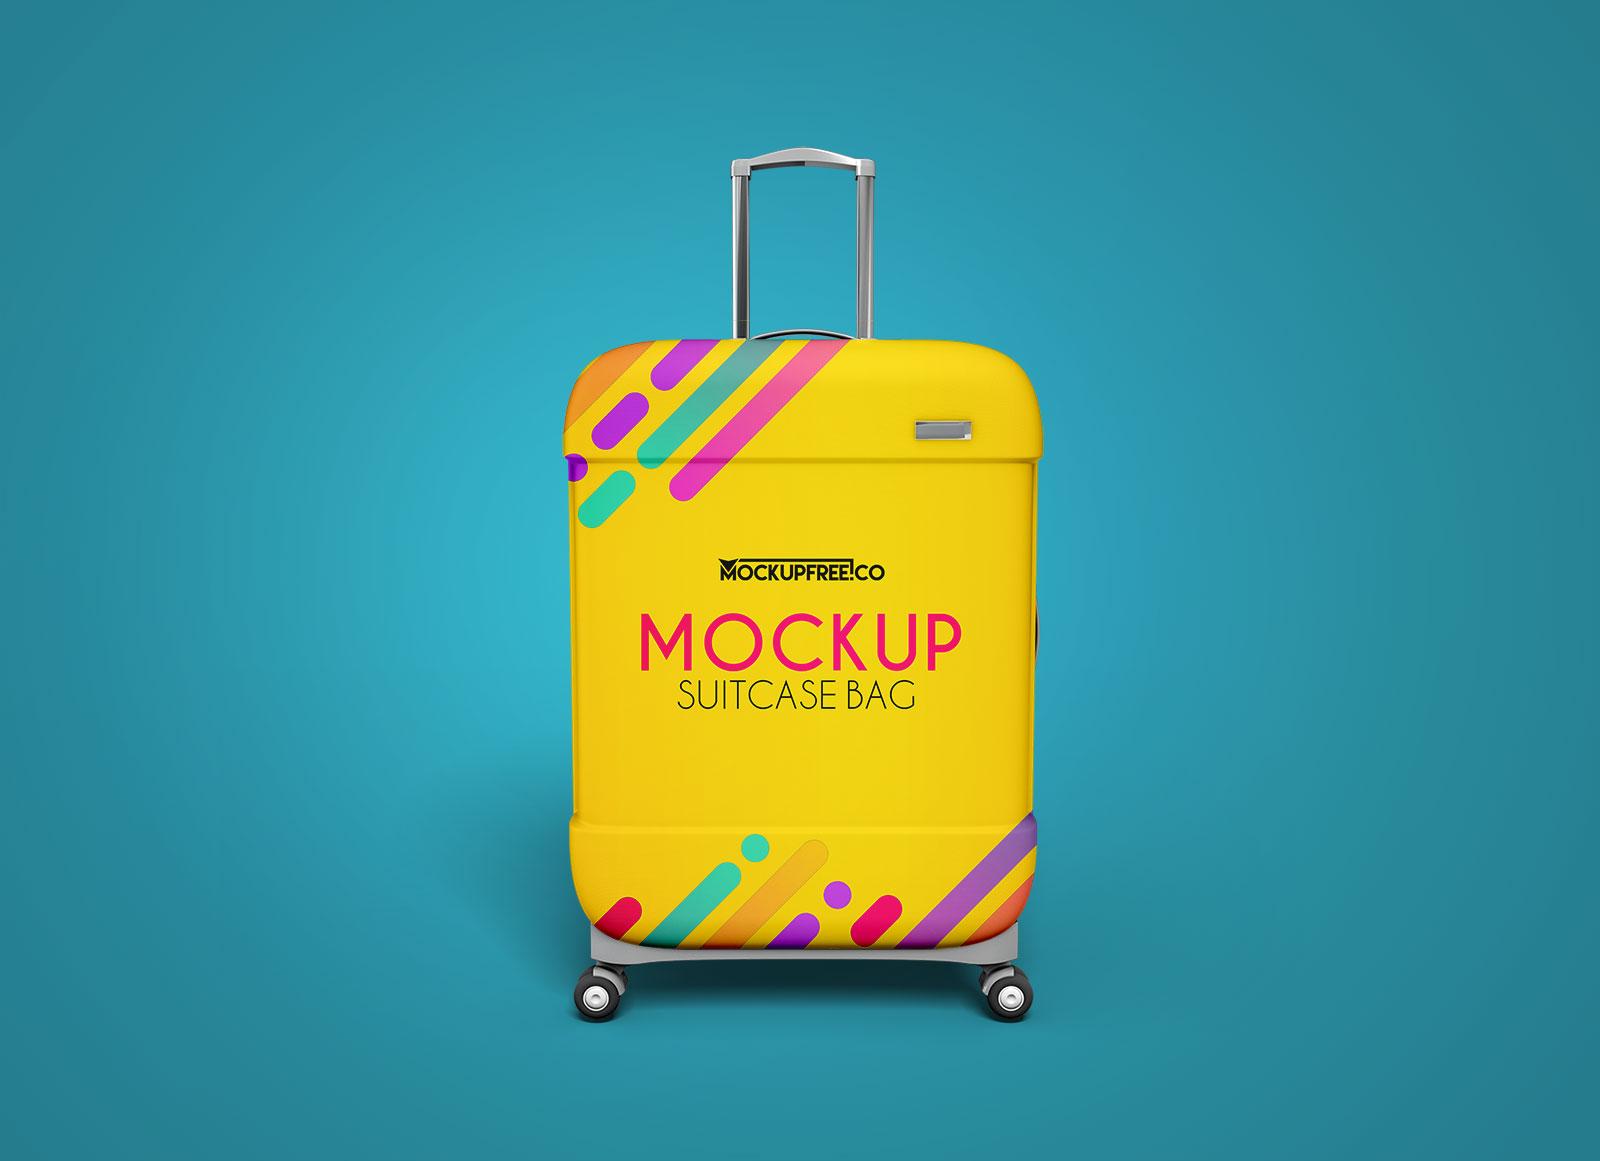 Free-Travel-Suitcase-Luggage-Bag-Mockup-PSD-Set